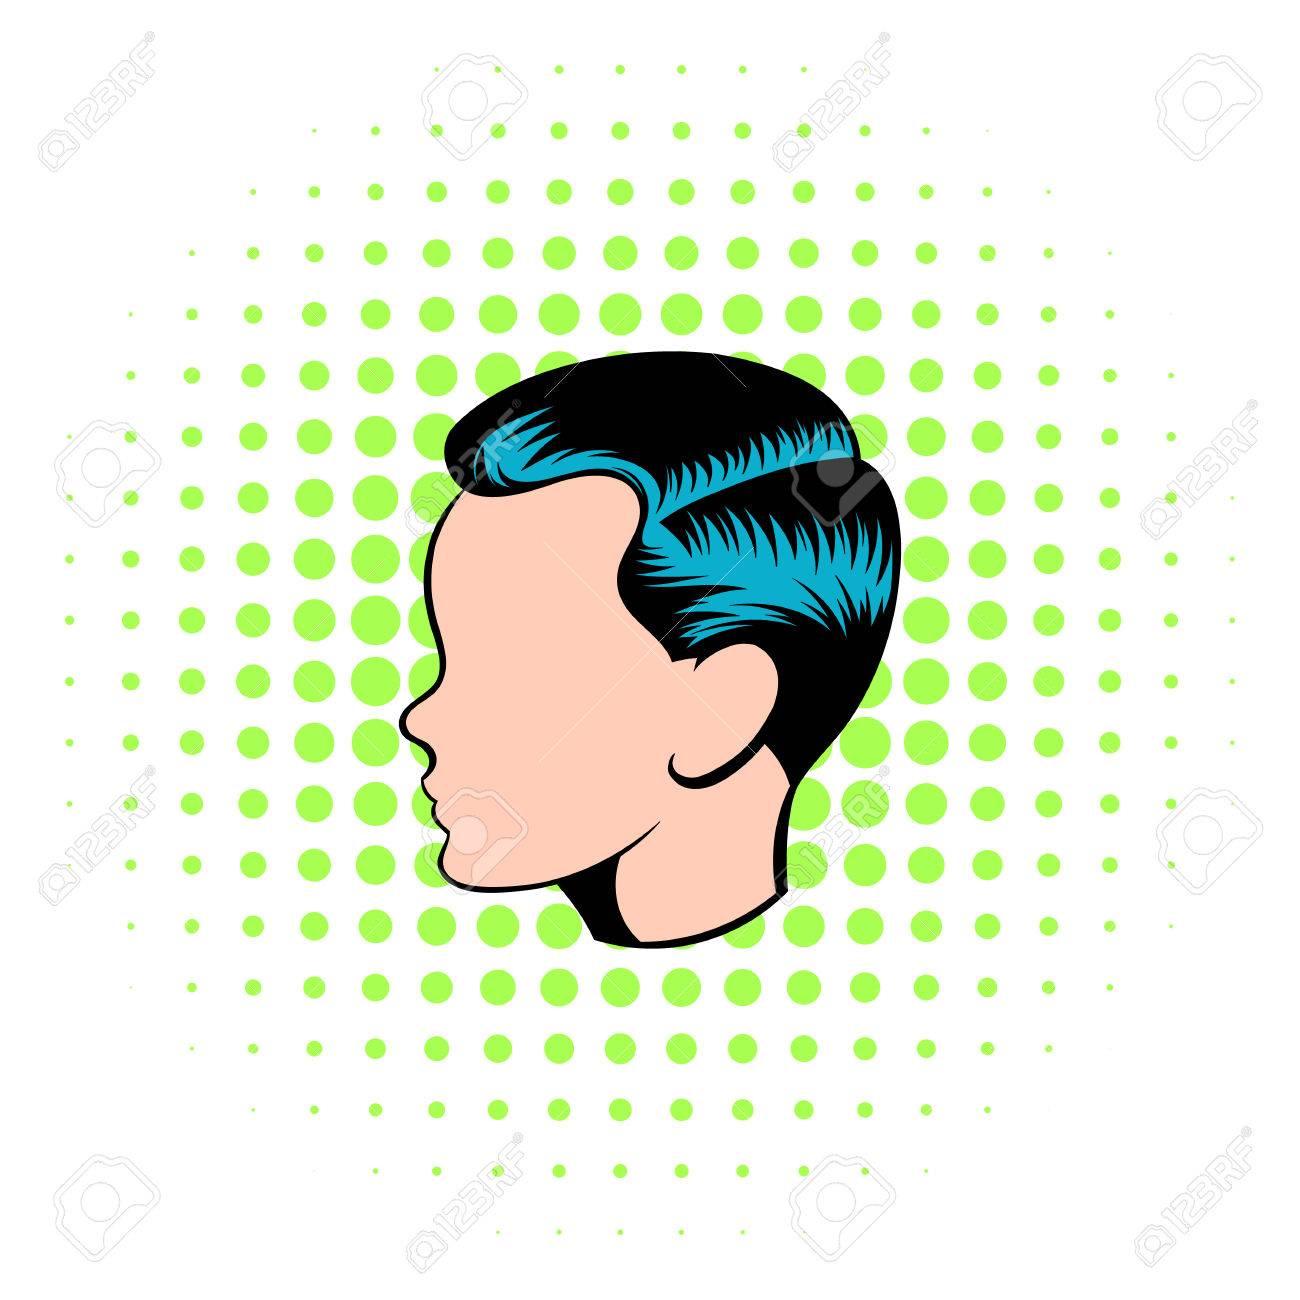 Mens Frisur Symbol Im Comic Stil Auf Einem Weissen Hintergrund